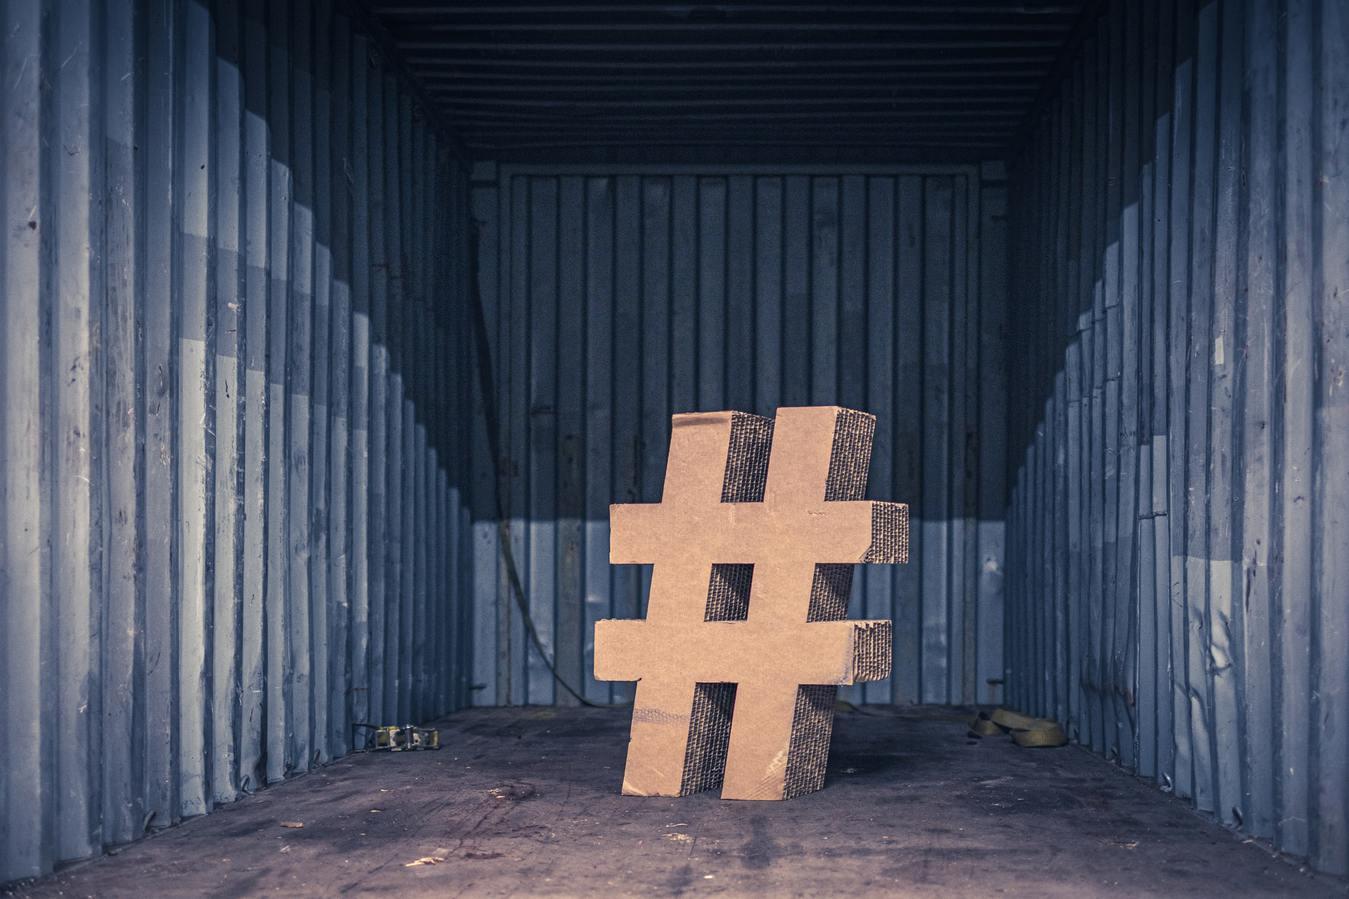 Símbolo de hashtag feito de papelão dentro do baú de um caminhão